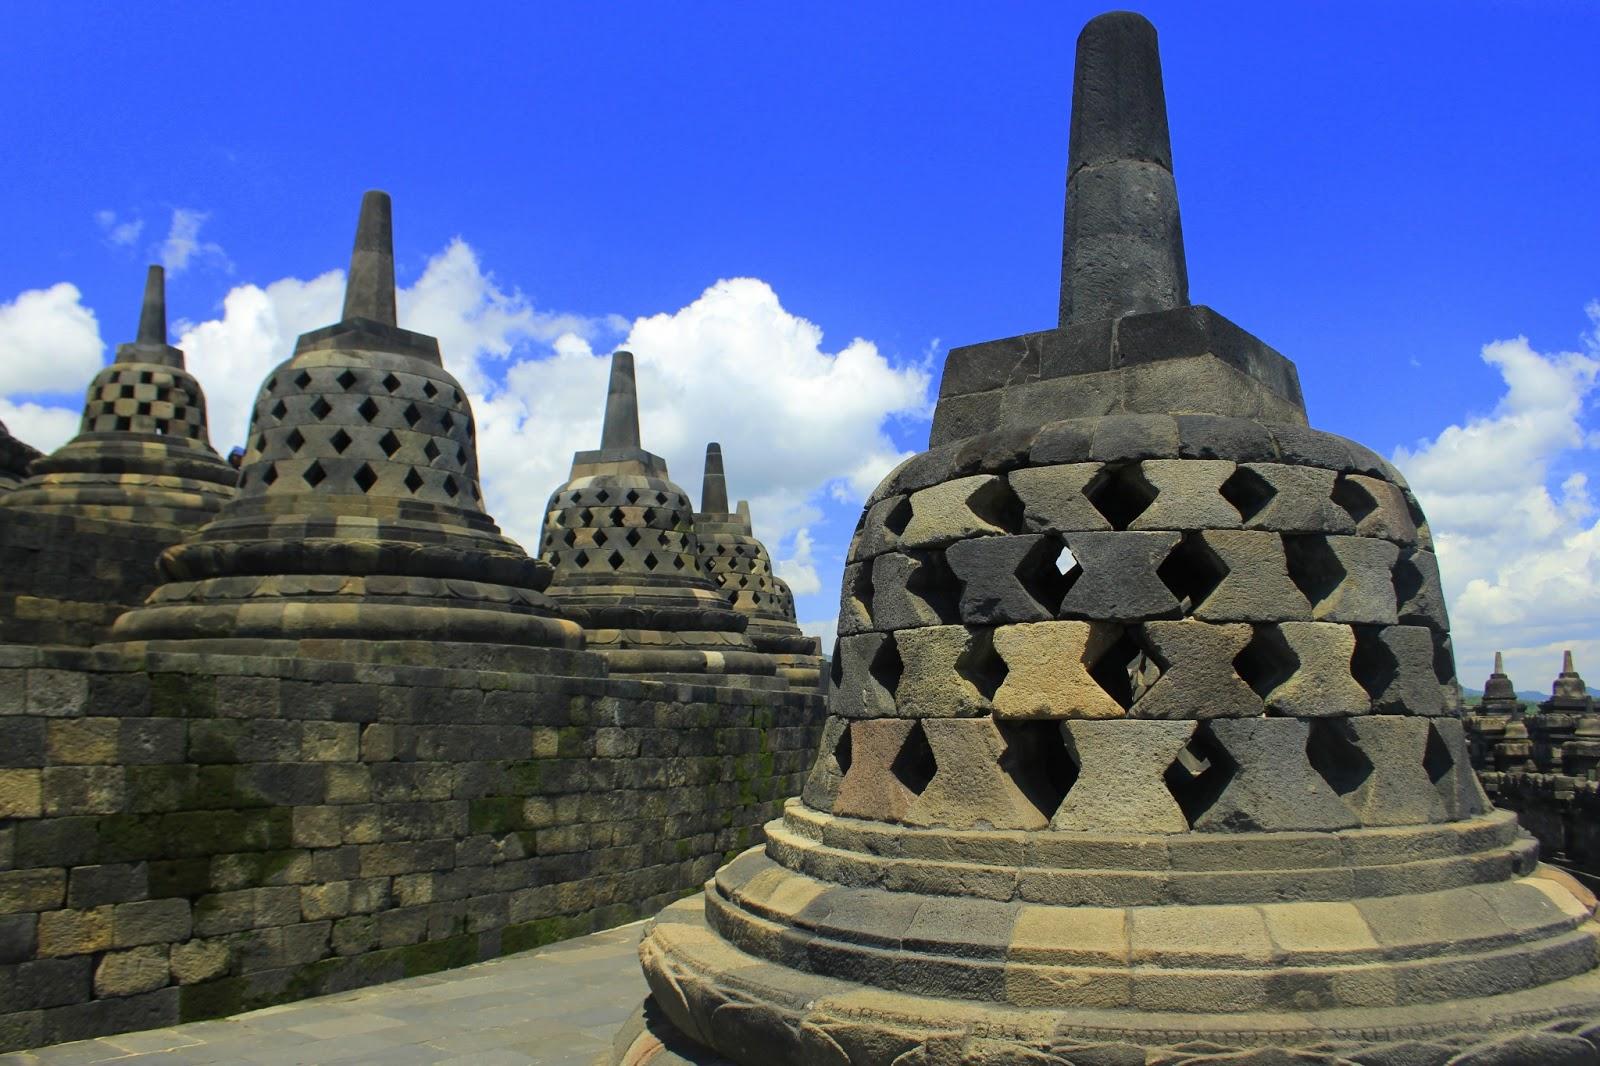 Referensi dan Rekomendasi Tempat Wisata di Indonesia: Objek Wisata Candi Borobudur